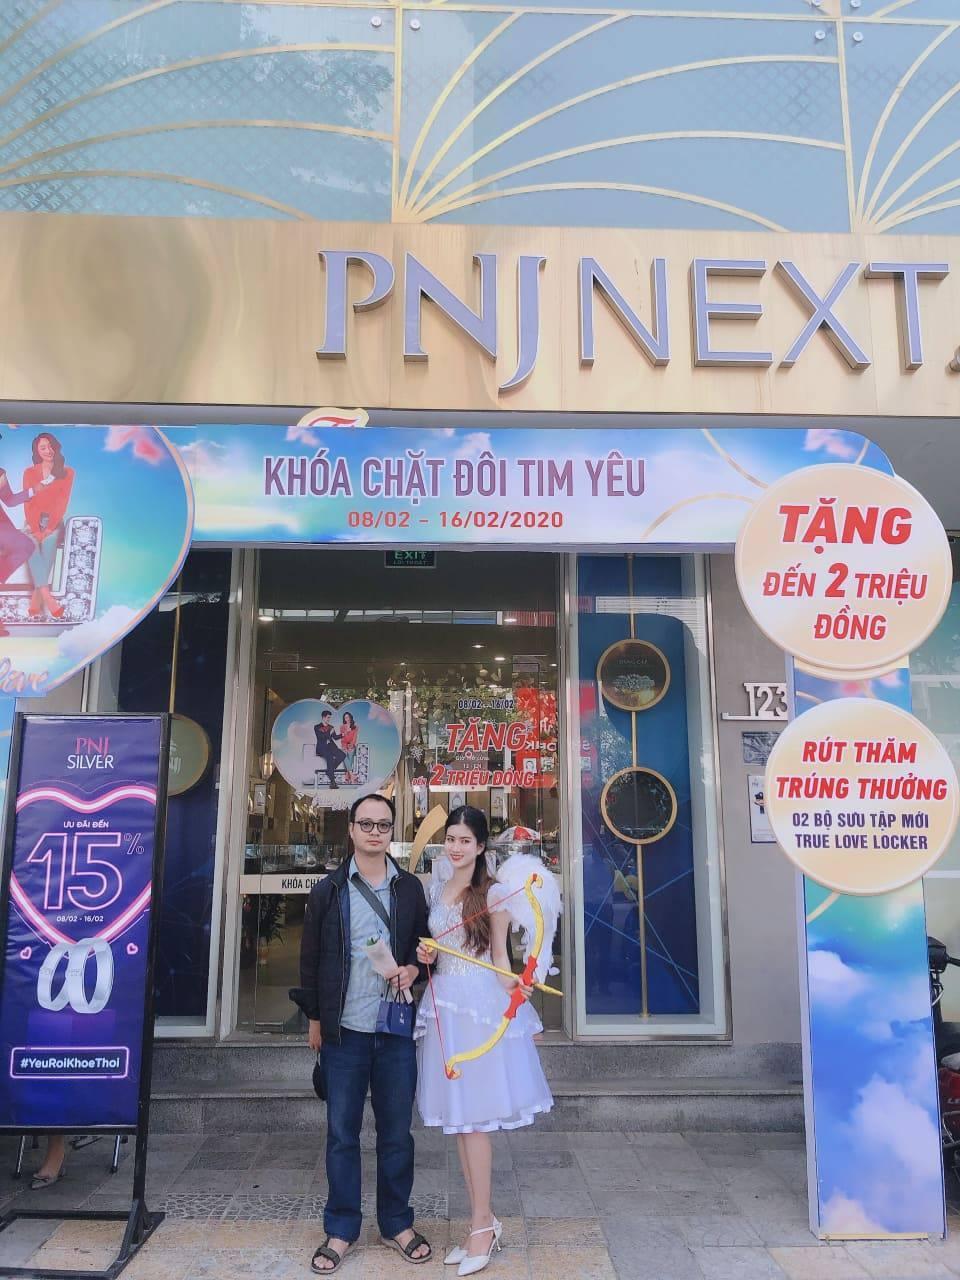 PNJ tạo sức hút với chiến dịch quà tặng từ 'thần Cupid'